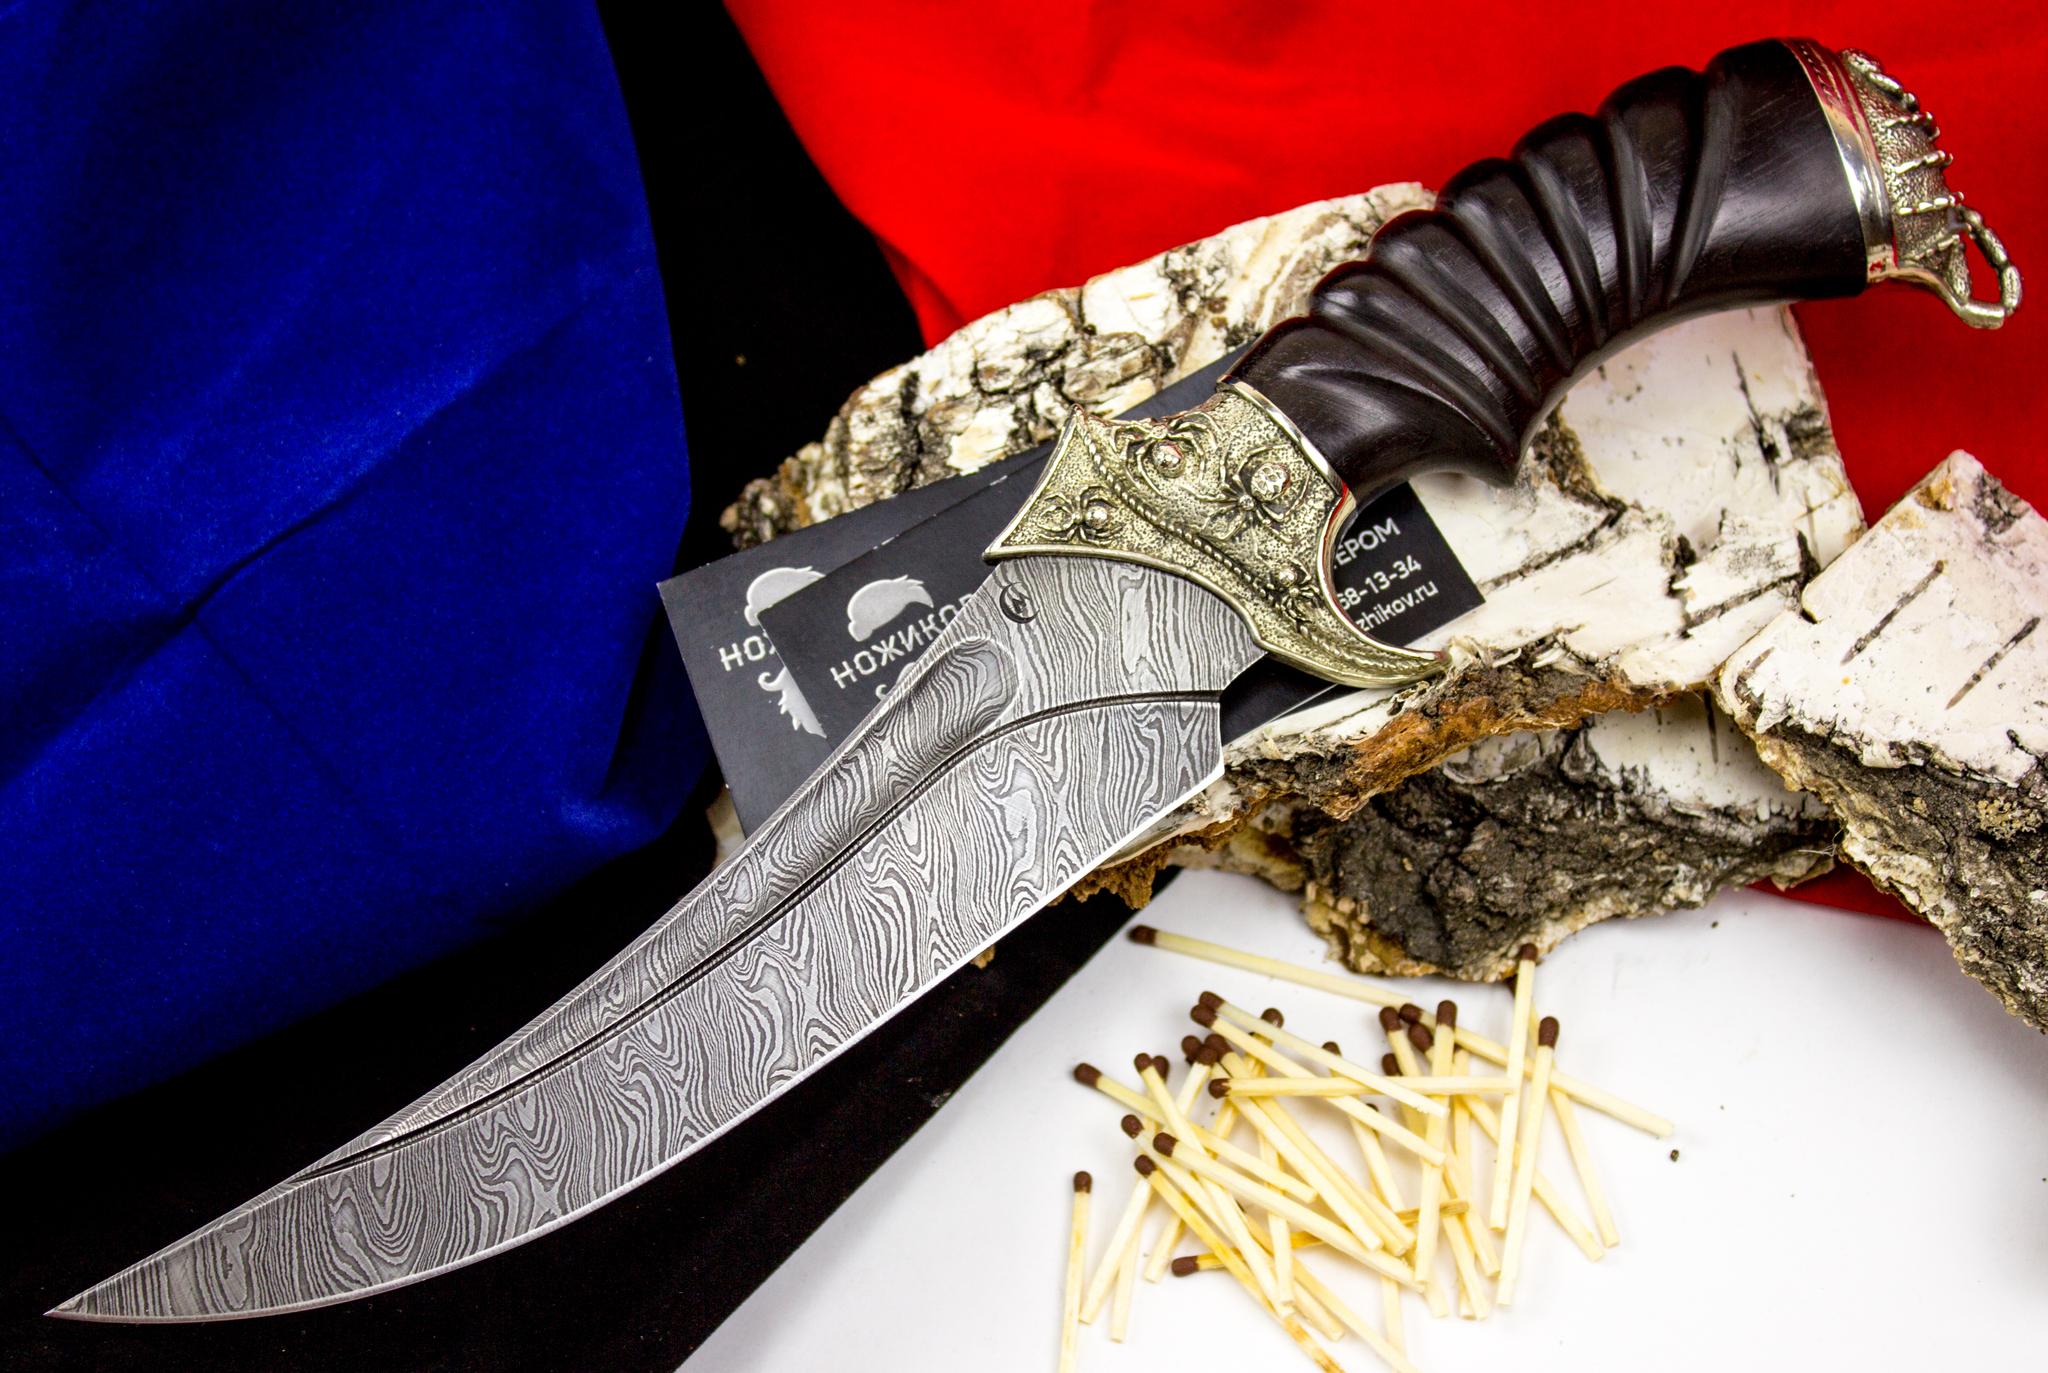 Нож Корсар с резной рукоятью , дамасская стальНожи Ворсма<br>Отличие этой модели ножа от остальных в серии «Корсар» - оформление. Как и остальные экземпляры клинков, представляющих данную серию, она заставляет вспомнить о море и пиратских саблях. Времена меняются, а ценность качественных режущих инструментов не уменьшается, скорее, даже увеличивается. Редкие старые клинки выдержат столкновение с дамасской сталью, из свойств которой проистекают уникальные характеристики ножа «Корсар» - прочность, гибкость и долго сохраняемая острота. Нож «Корсар» отличается повышенным обухом, и этот параметр исключает его из категории холодного оружия. Рукоять изготовлена из ценных, обработанных влагостойким составом пород дерева, имеется удобная подпальцевая выемка. Материал ограничителя гарды и тыльника – мельхиор, декорированный узорным литьем особой формы.<br>